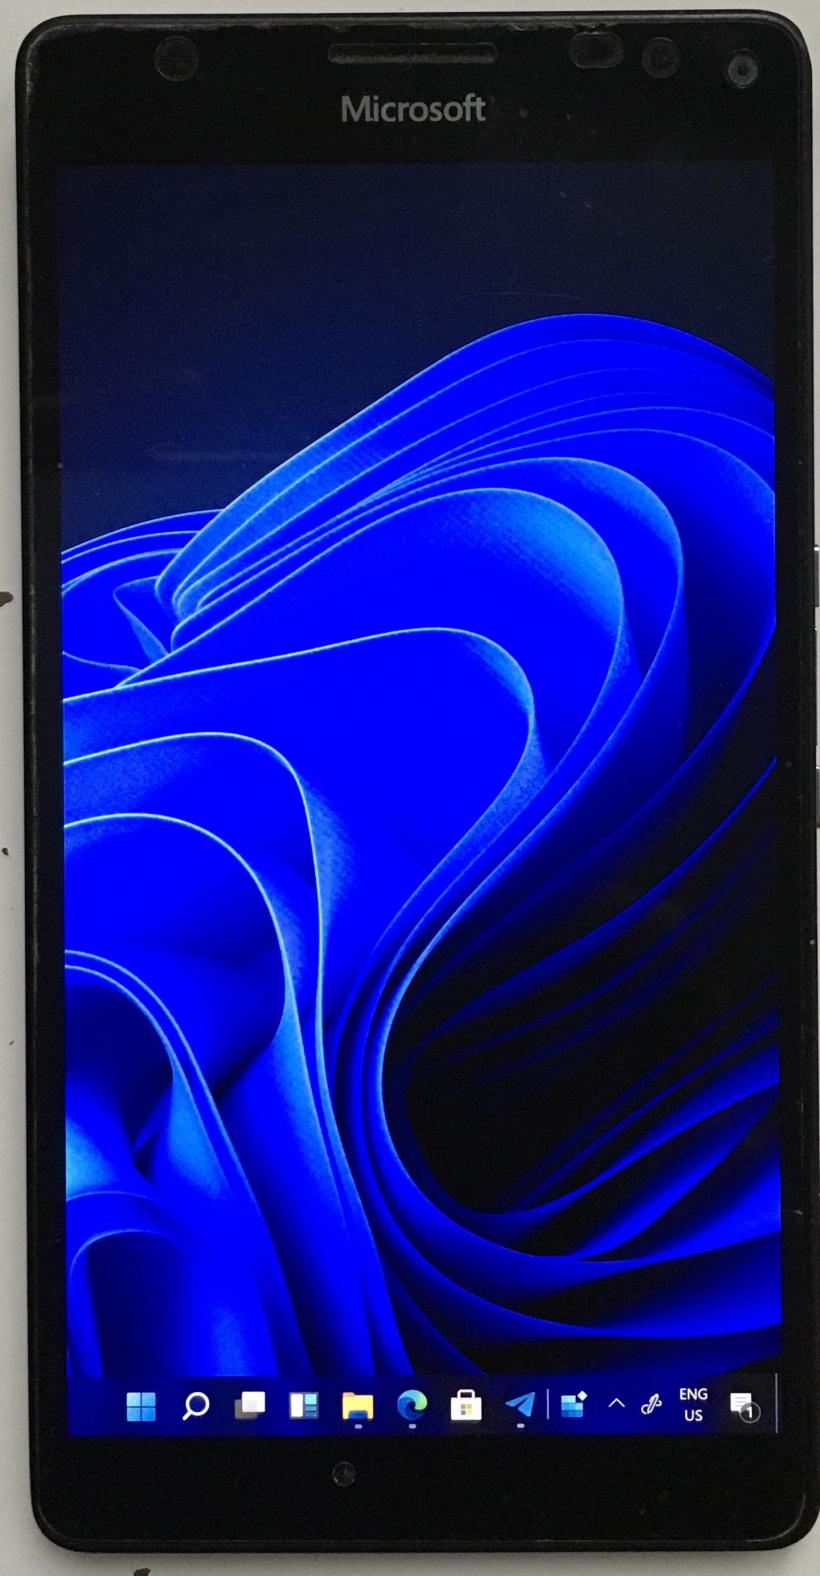 微软 Lumia 950 XL 刷入 Win11 新进展:支持全新电话拨号器